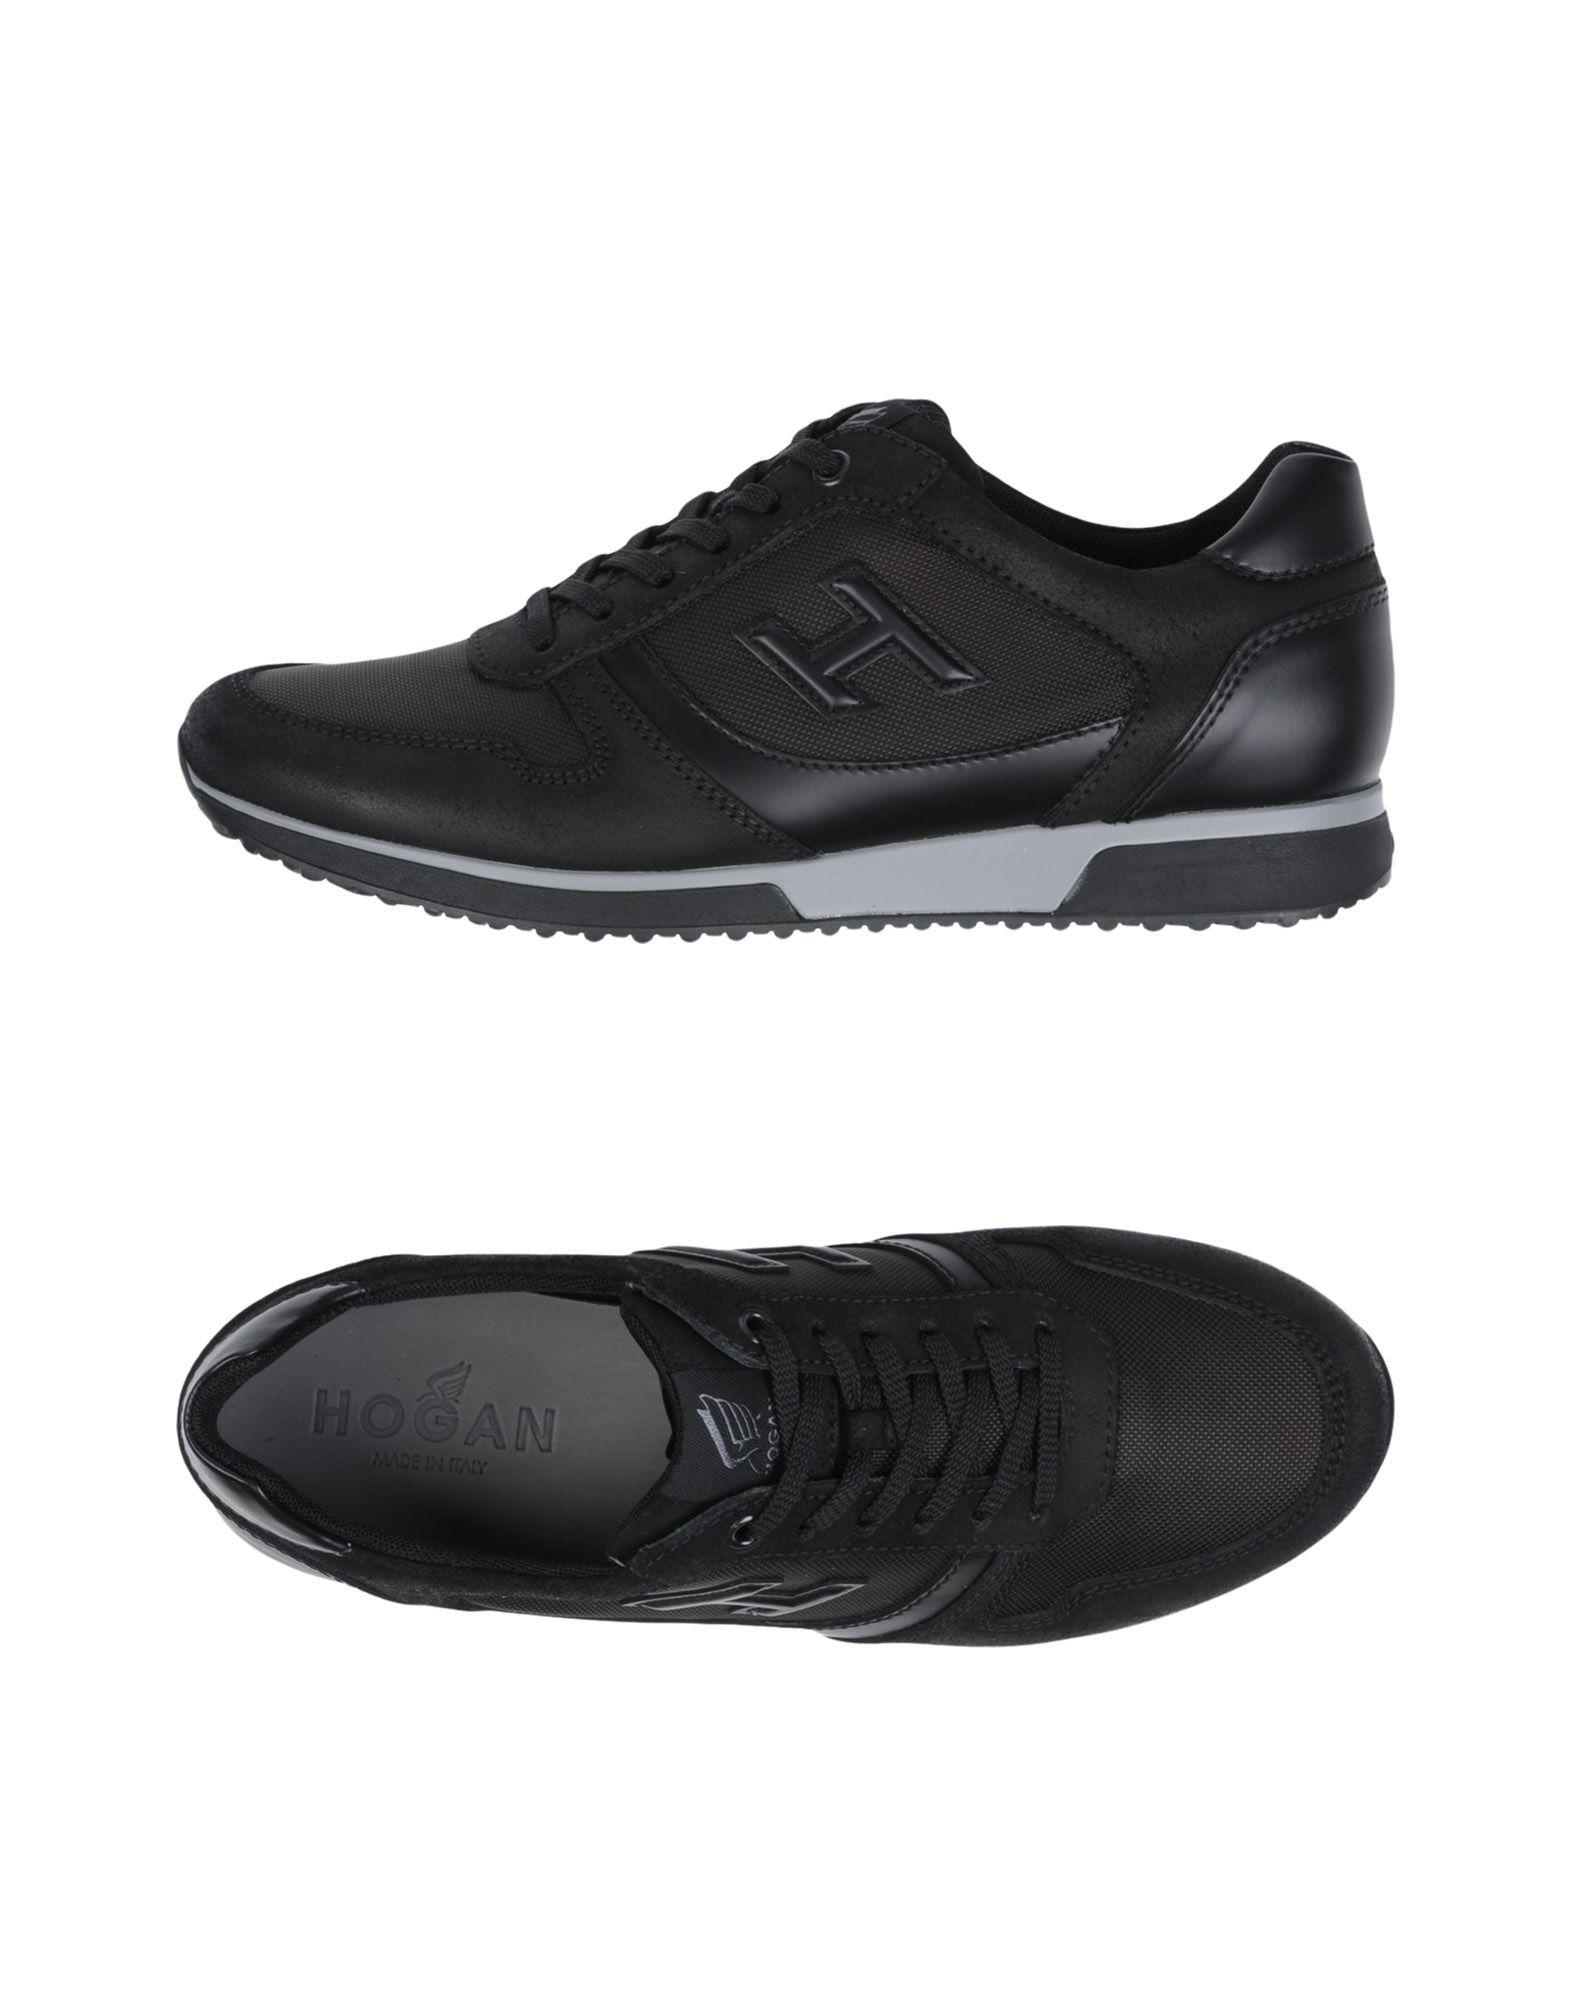 Hogan 11291694GA Sneakers Herren  11291694GA Hogan Gute Qualität beliebte Schuhe 9cdbdb